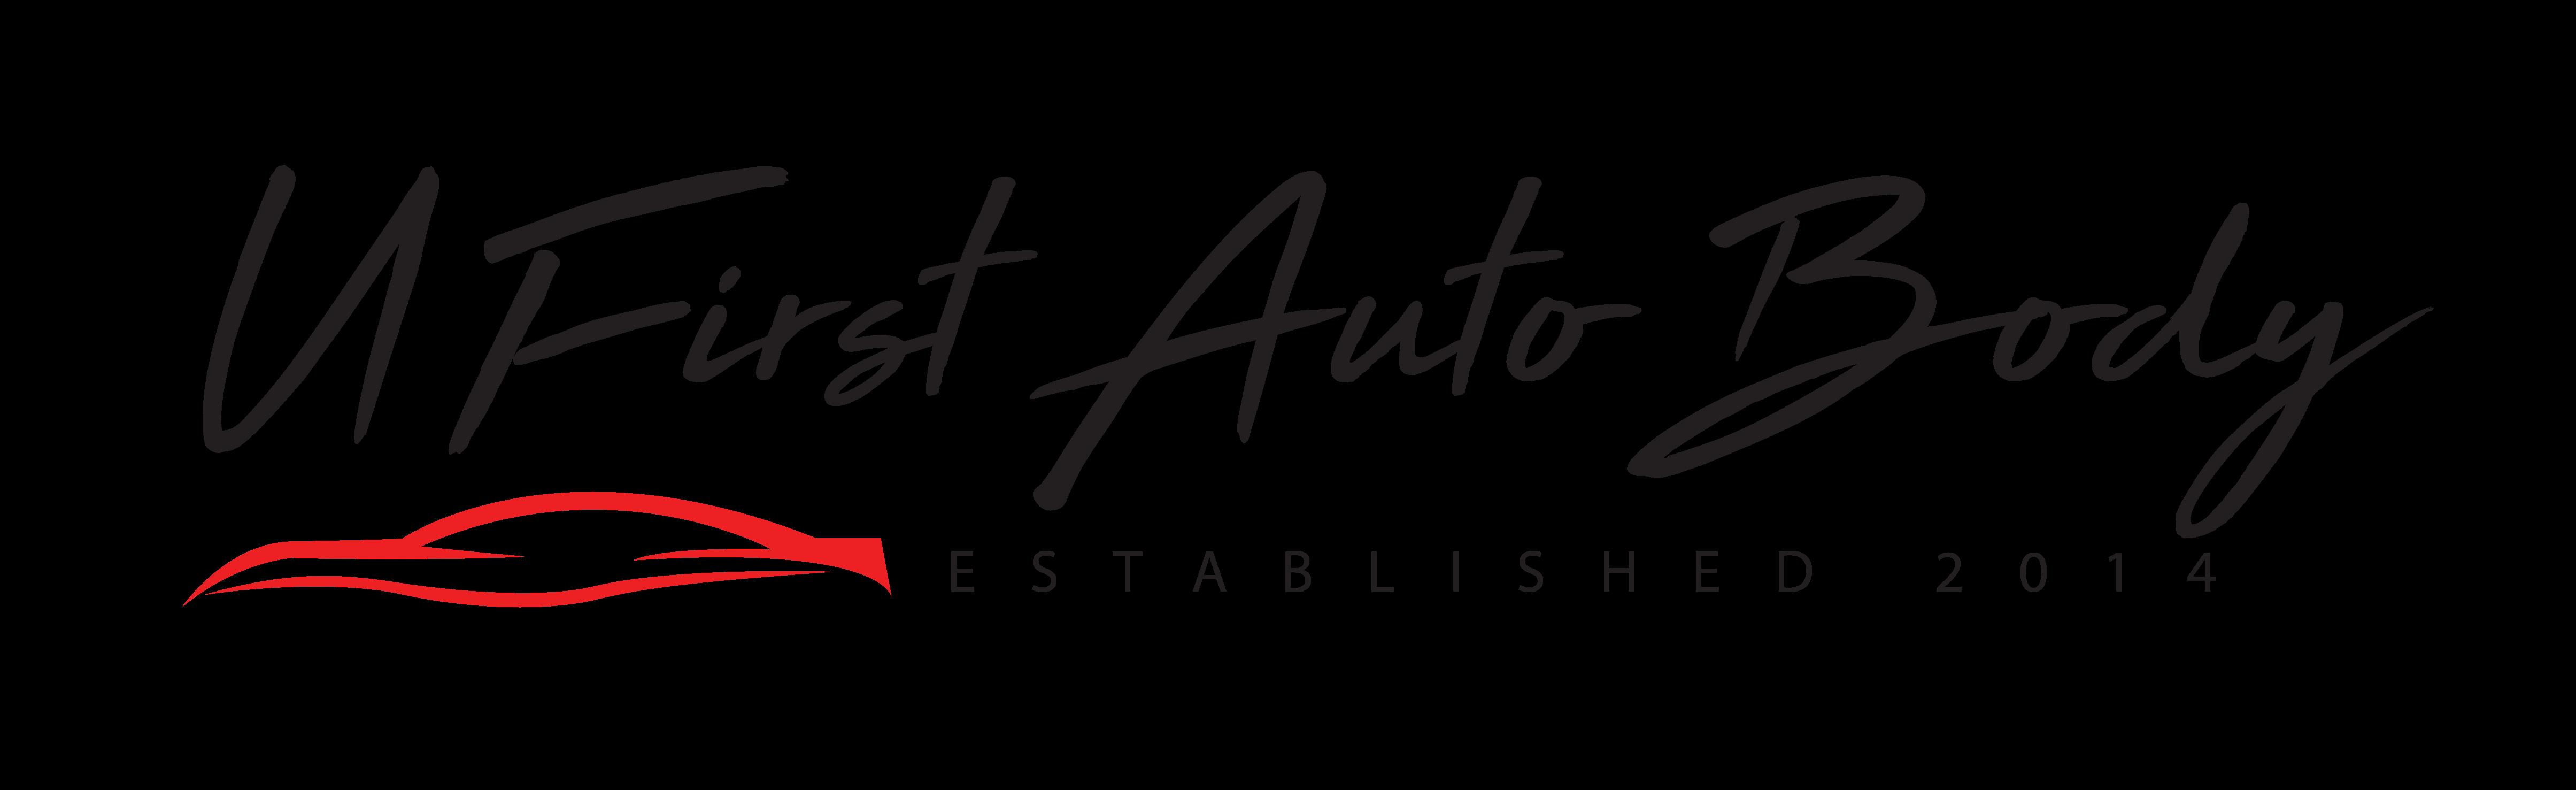 U FIrst Auto Body Shop reviews | Auto Repair at 5119 E 7th St - Austin TX